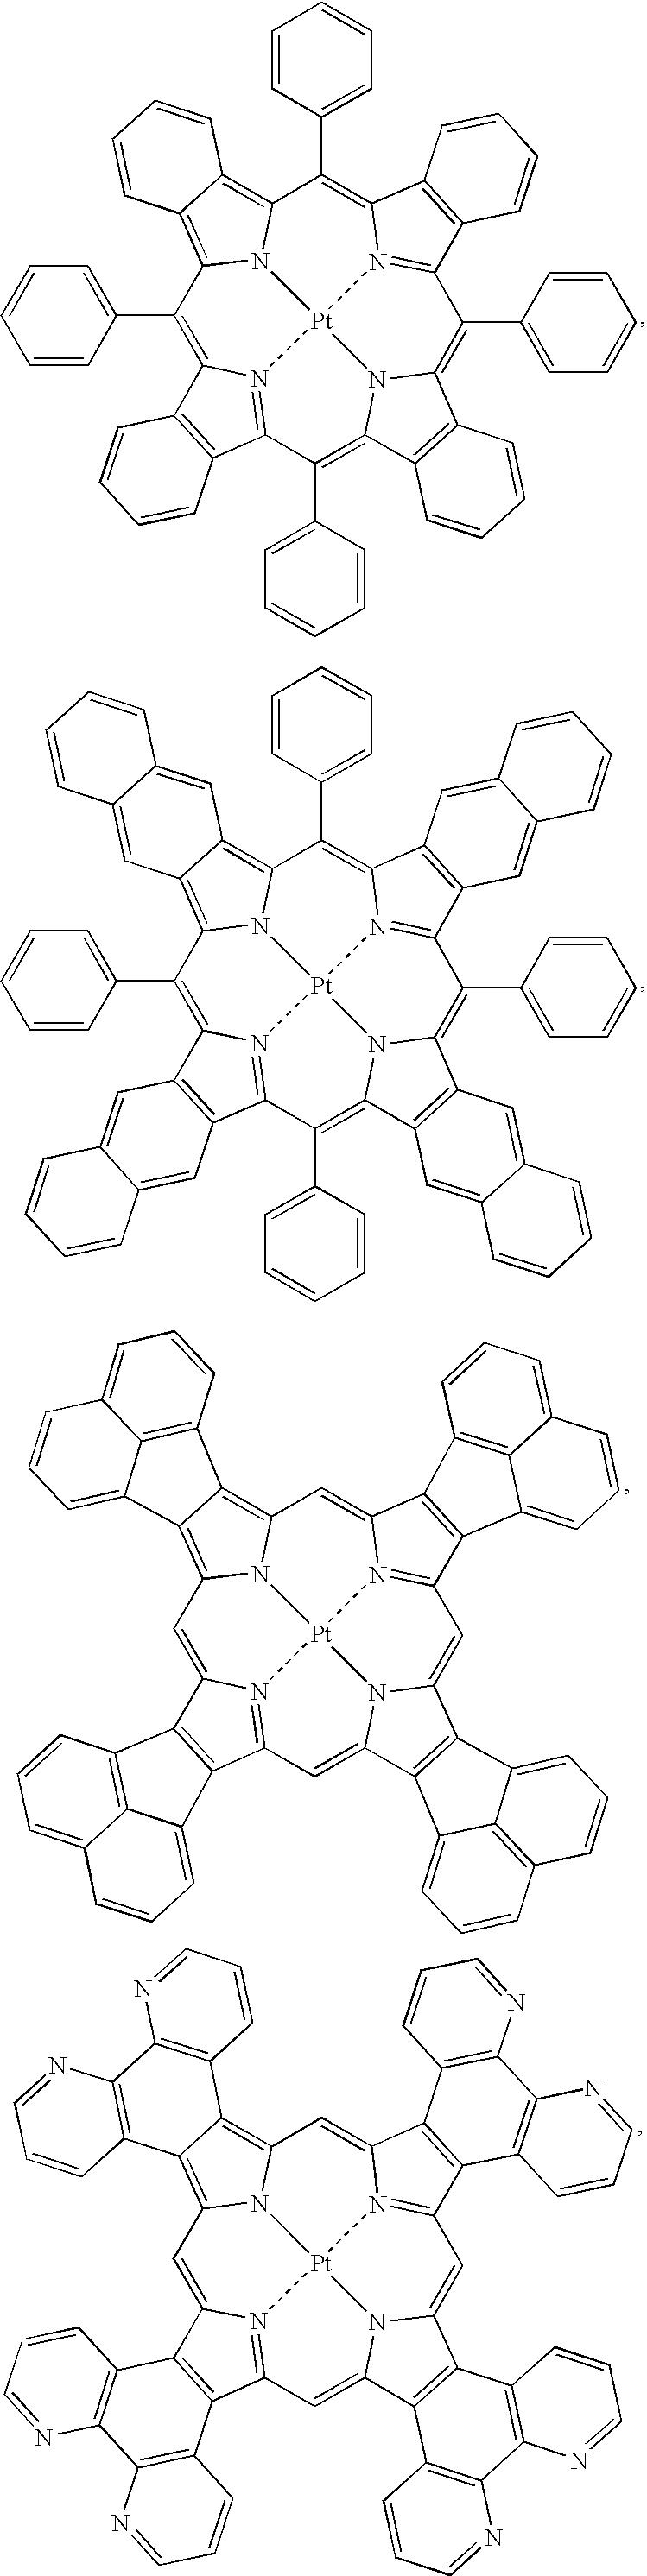 Figure US20080061681A1-20080313-C00015